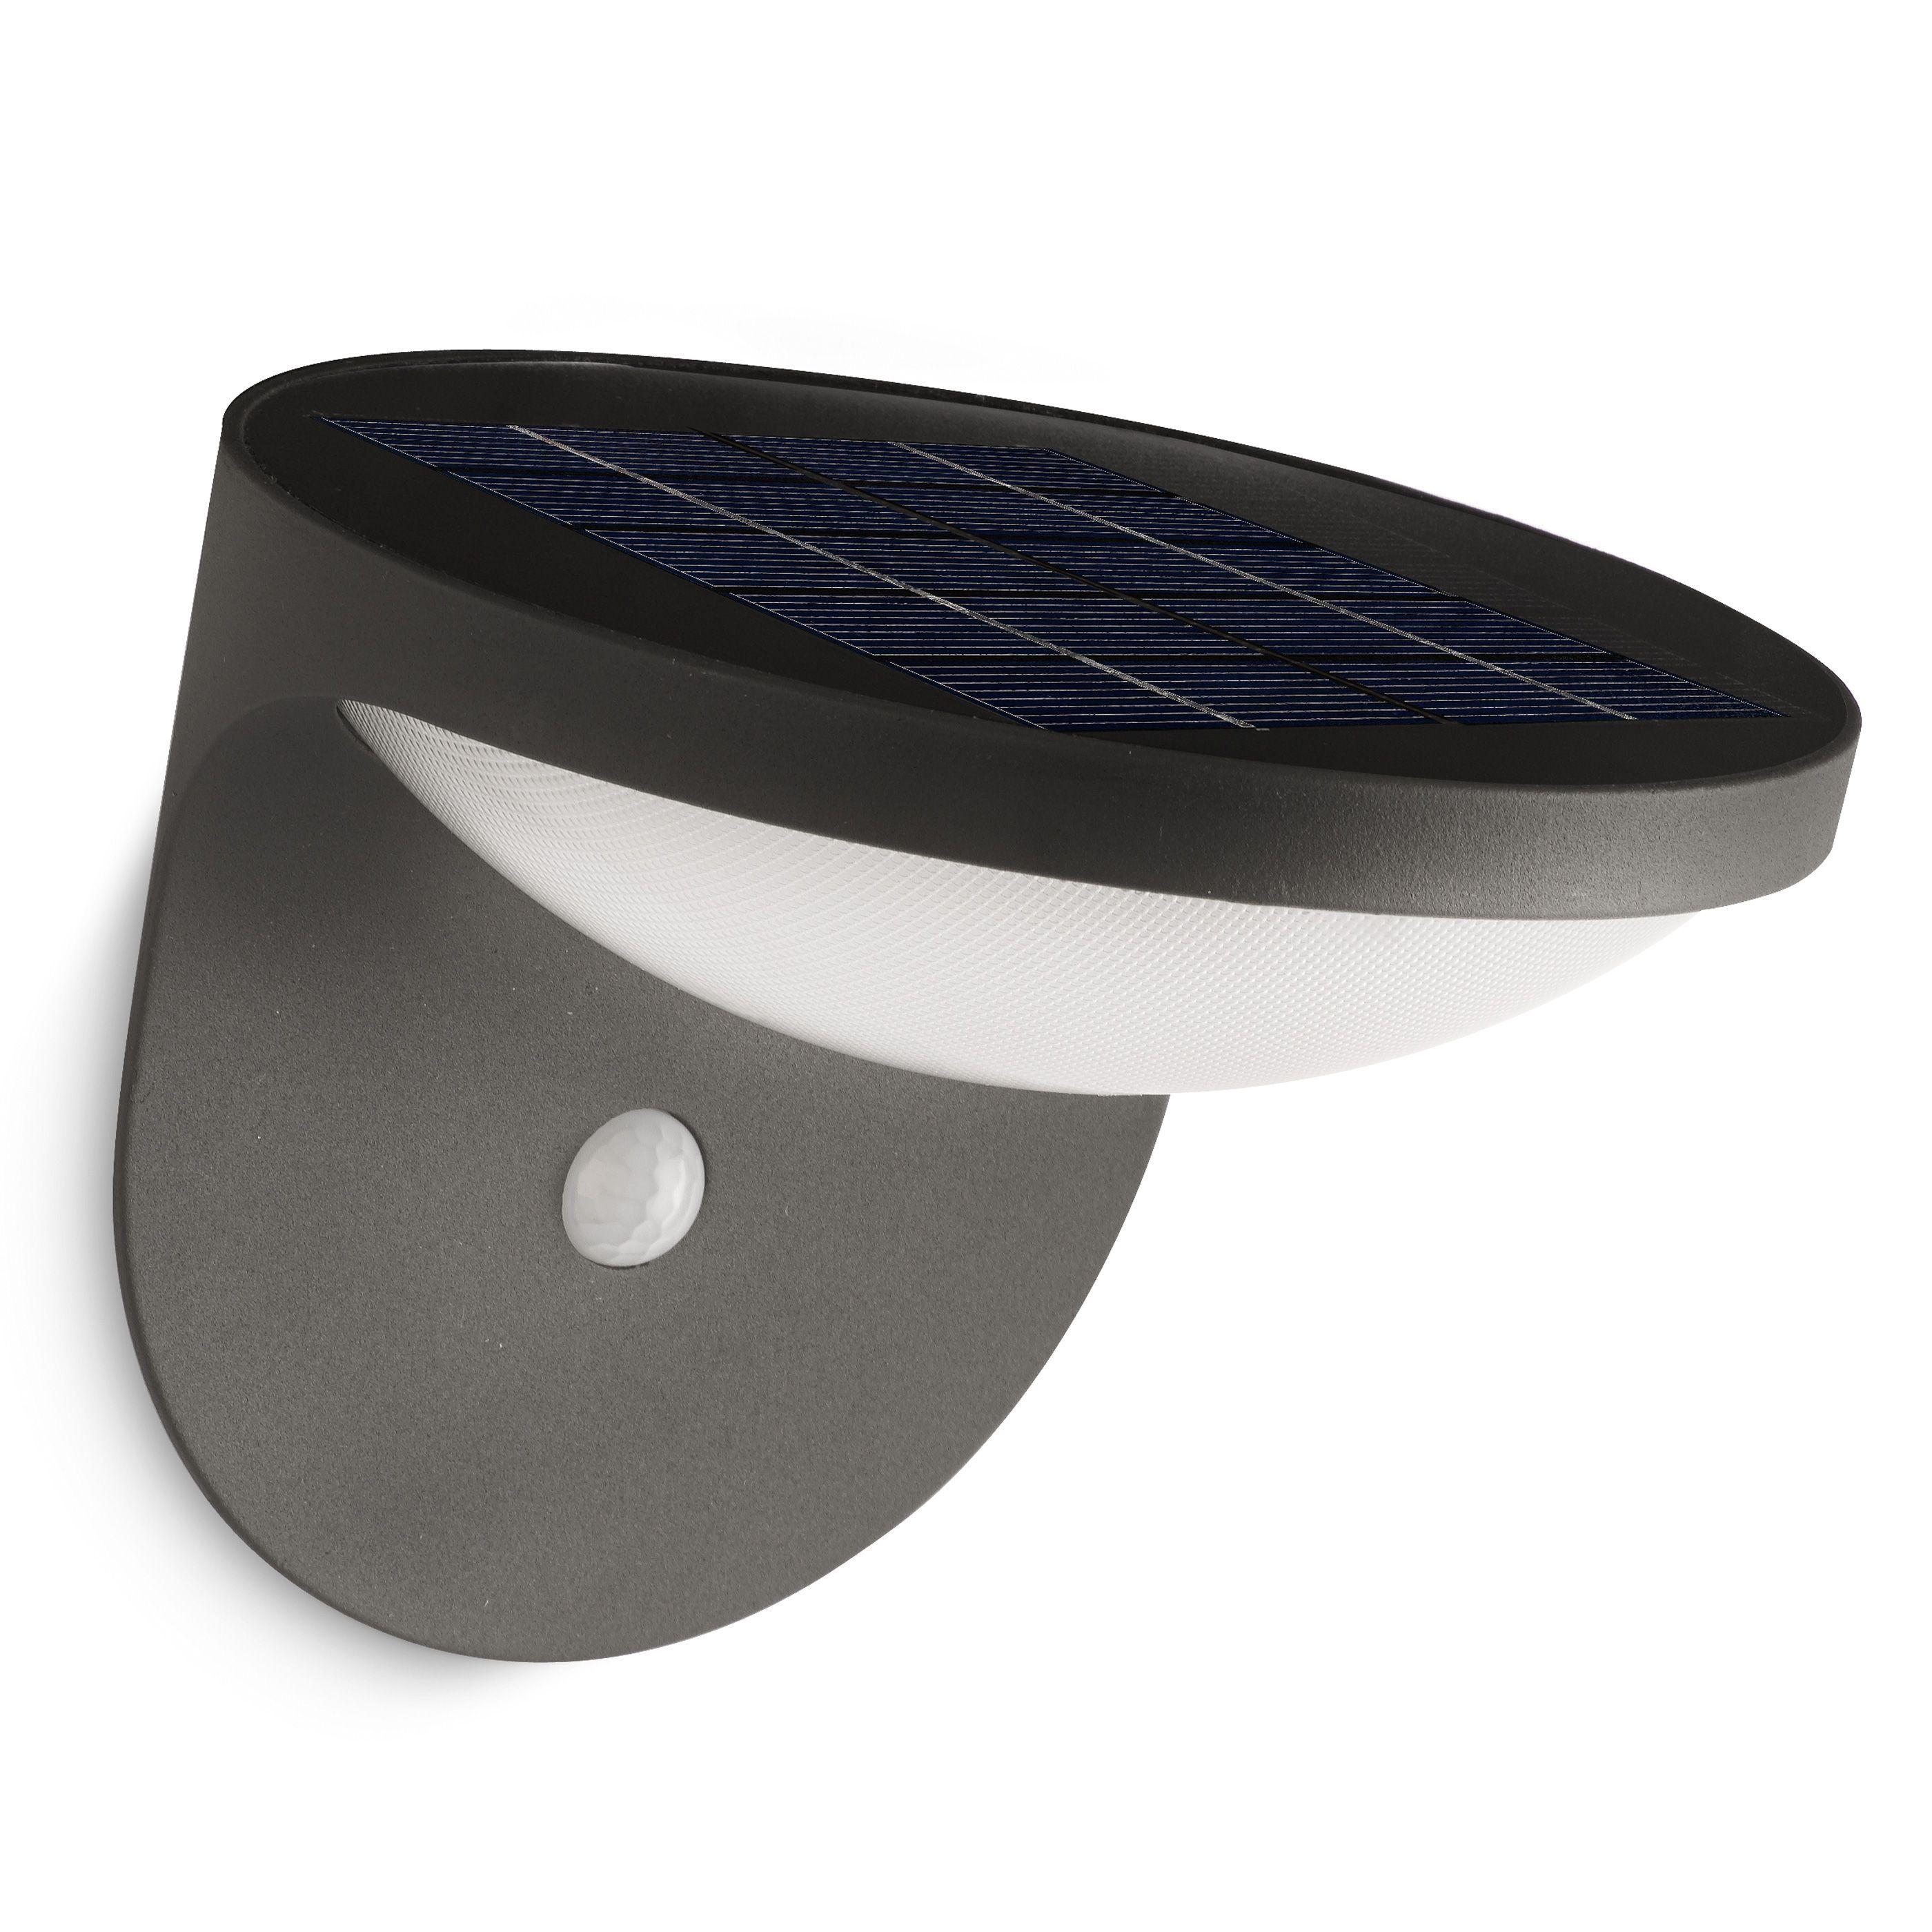 Philips Dusk buitenlamp antraciet met zonnecel en bewegingssensor